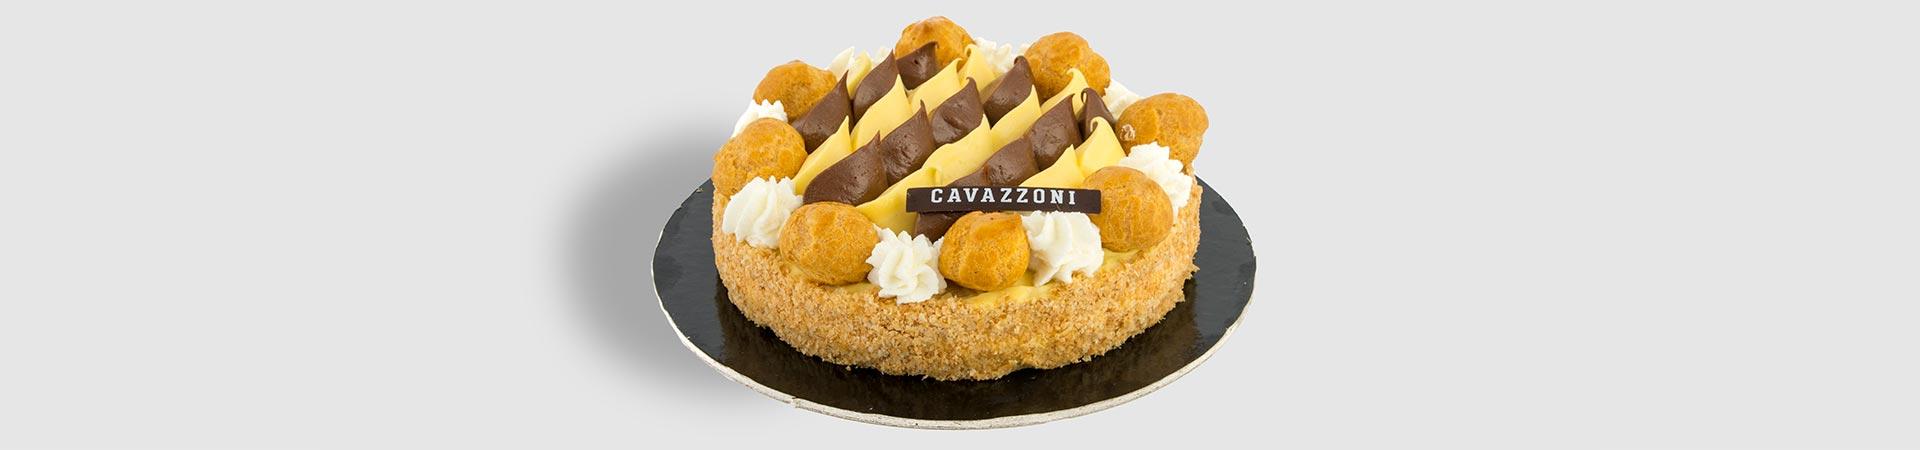 Torta Saint Honorè - Pasticceria Cavazzoni Fano